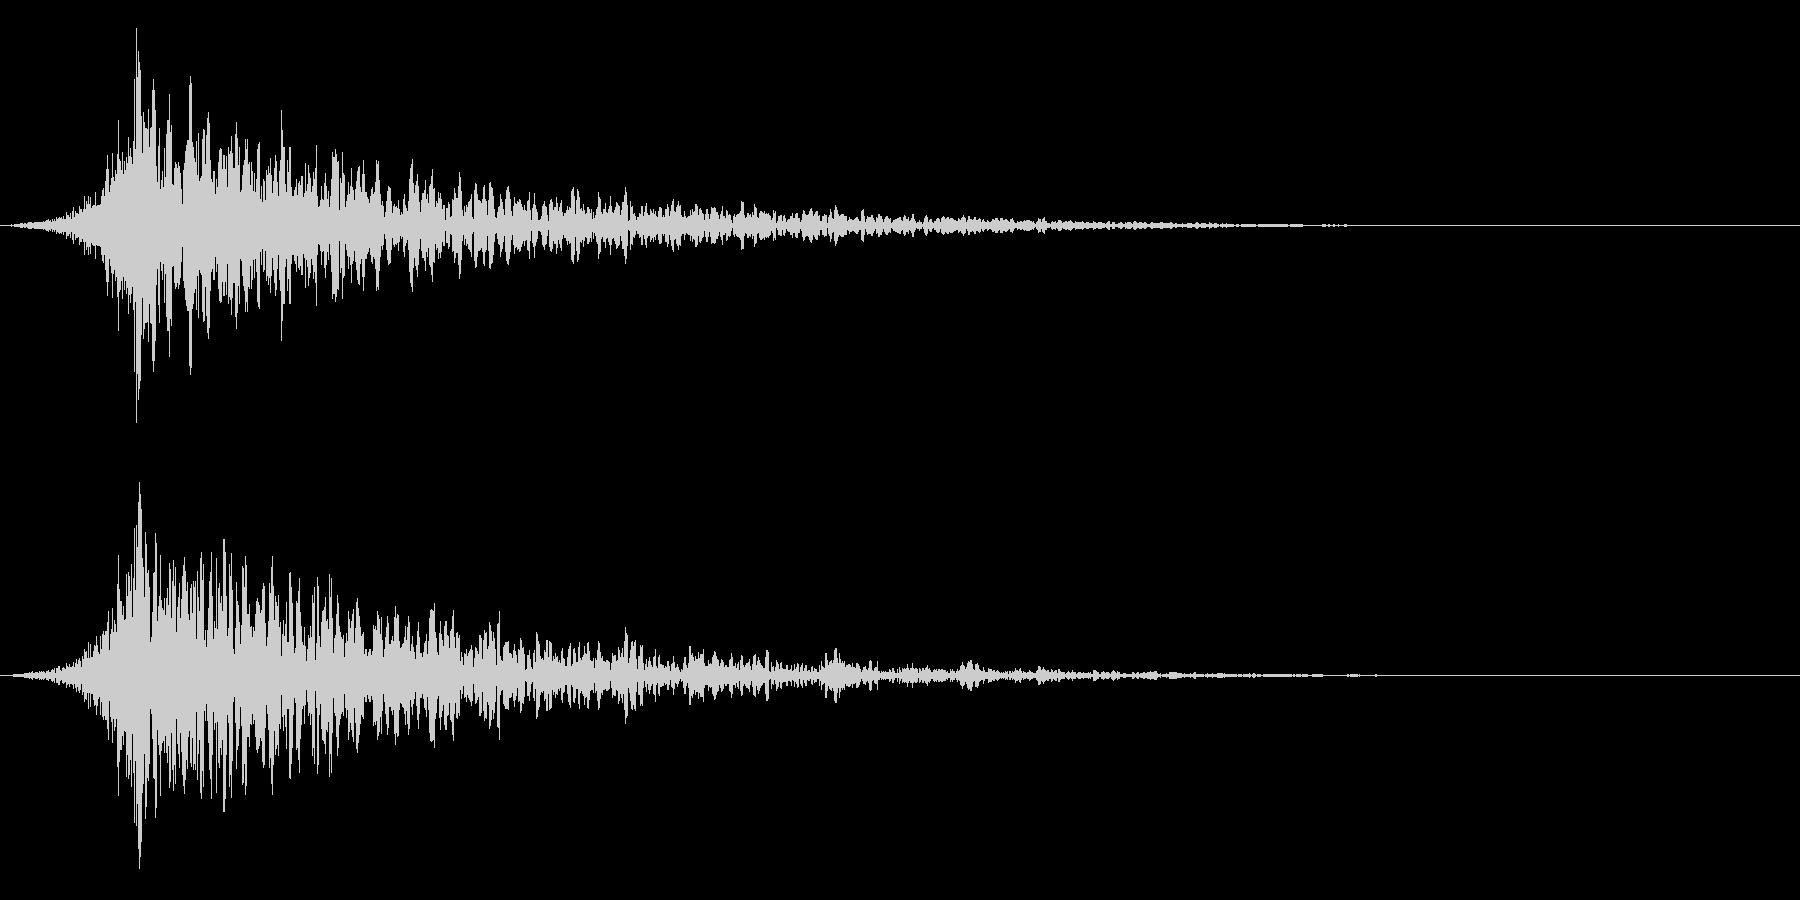 シュードーン-29-1(インパクト音)の未再生の波形